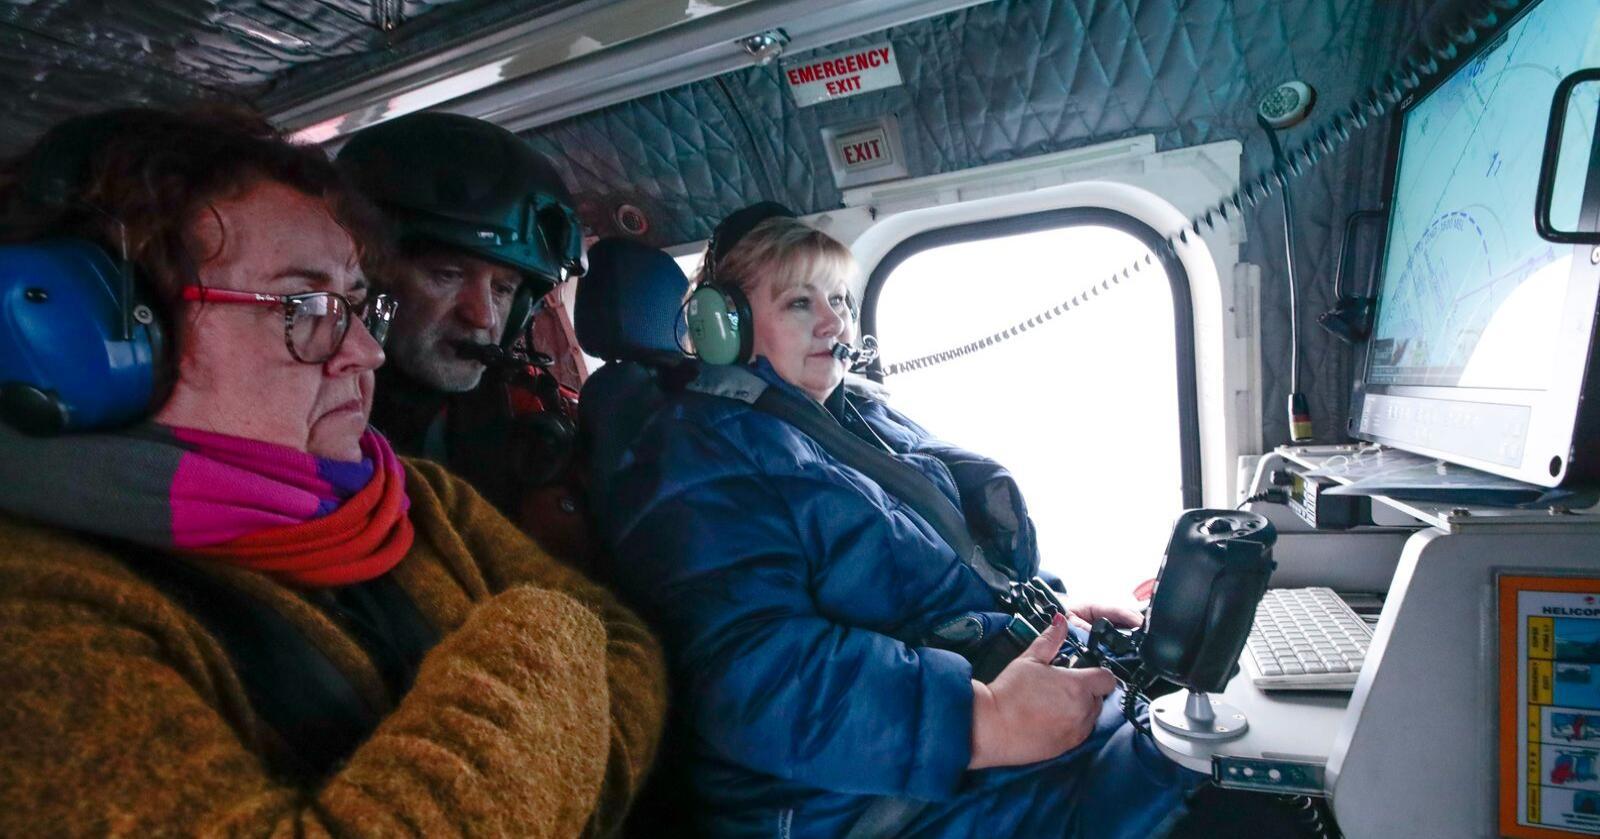 Statsminister Erna Solberg (H) (t.h.) og landbruks- og matminister Olaug V. Bollestad (KrF) på vei til MS Polarsyssel utenfor Svalbard i Sysselmannens helikopter. Foto: Lise Åserud / NTB scanpix